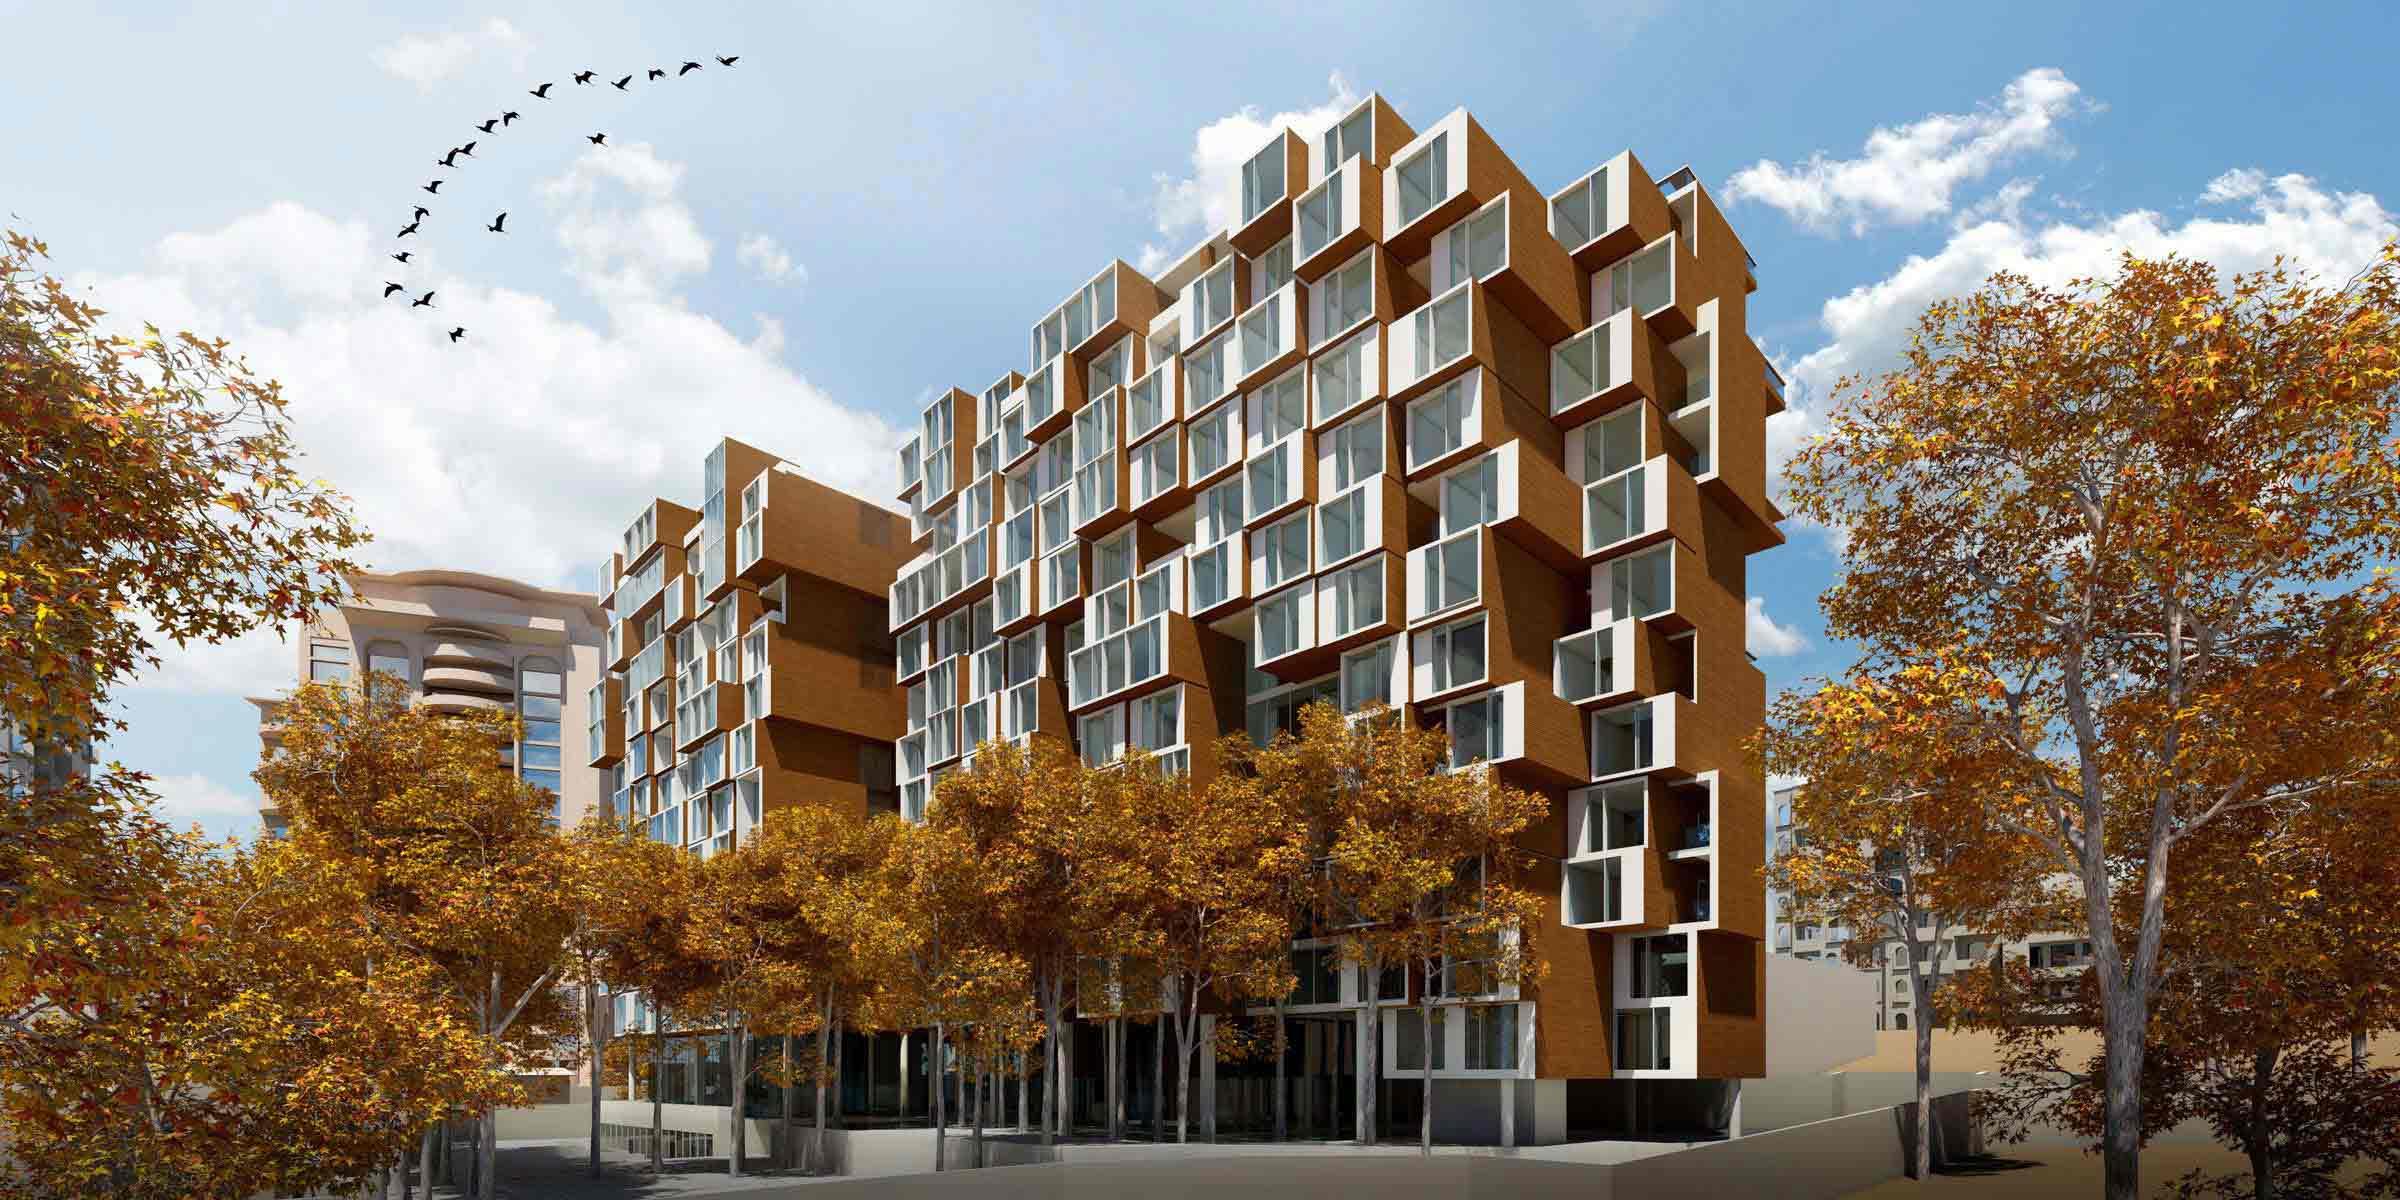 مجتمع مسکونی با تاکید بر ایجاد فضا های امن